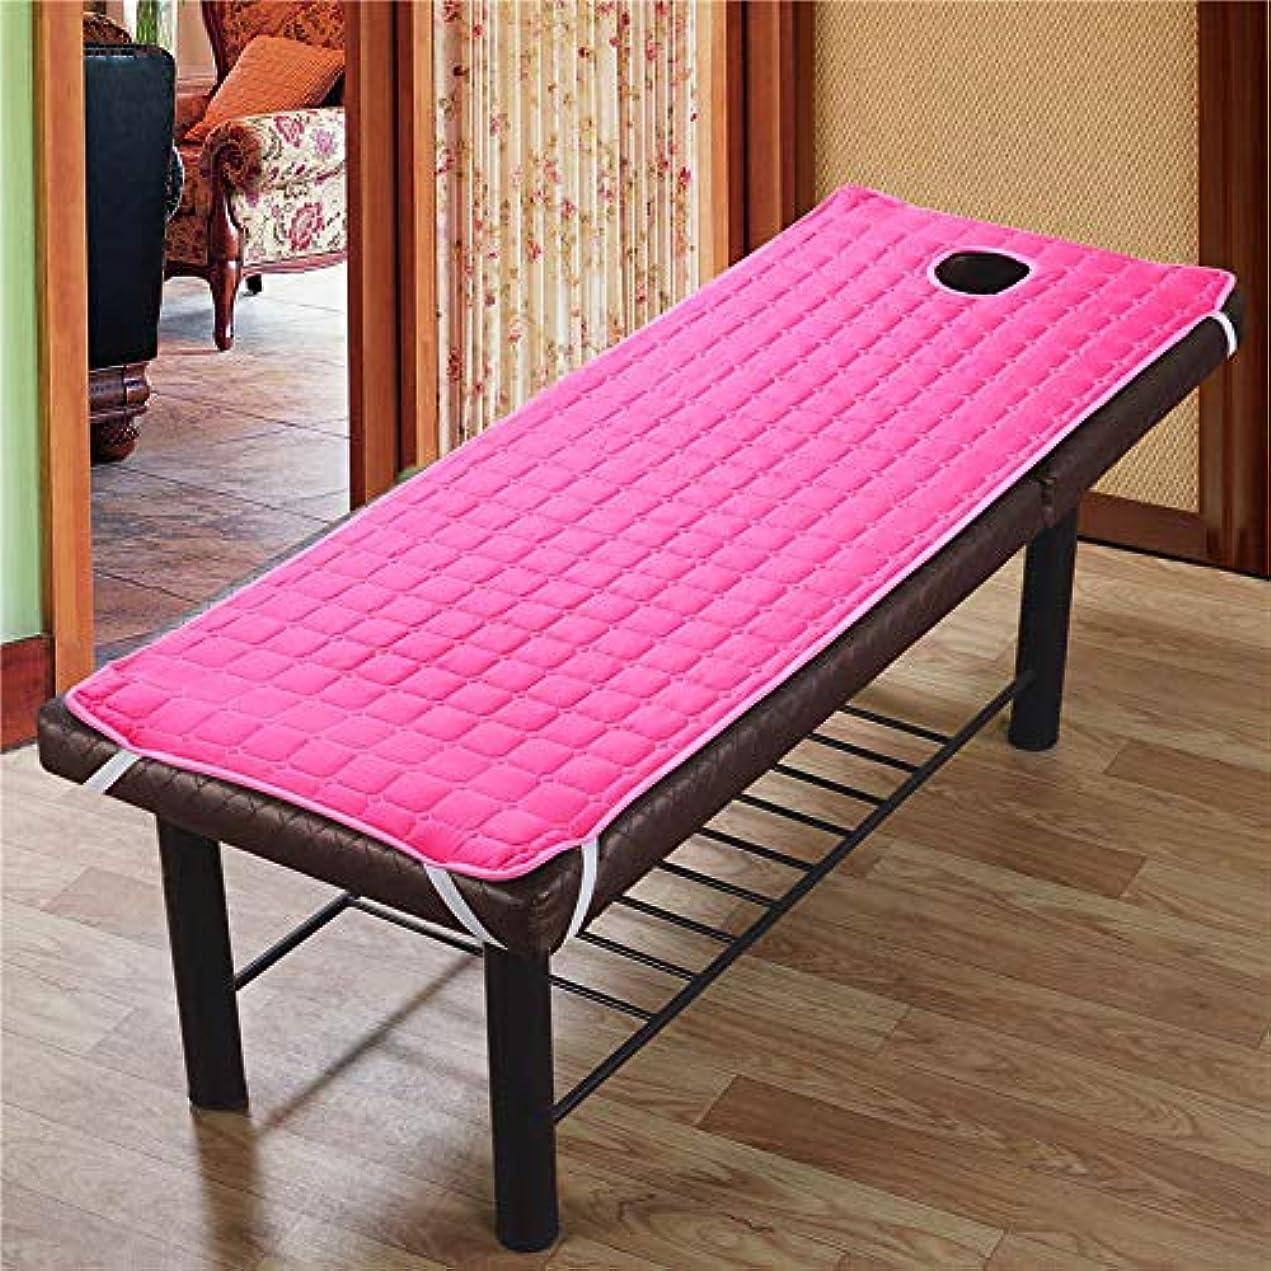 縁石トラクター何Aylincool 美容院のマッサージ療法のベッドのための滑り止めのSoliod色の長方形のマットレス